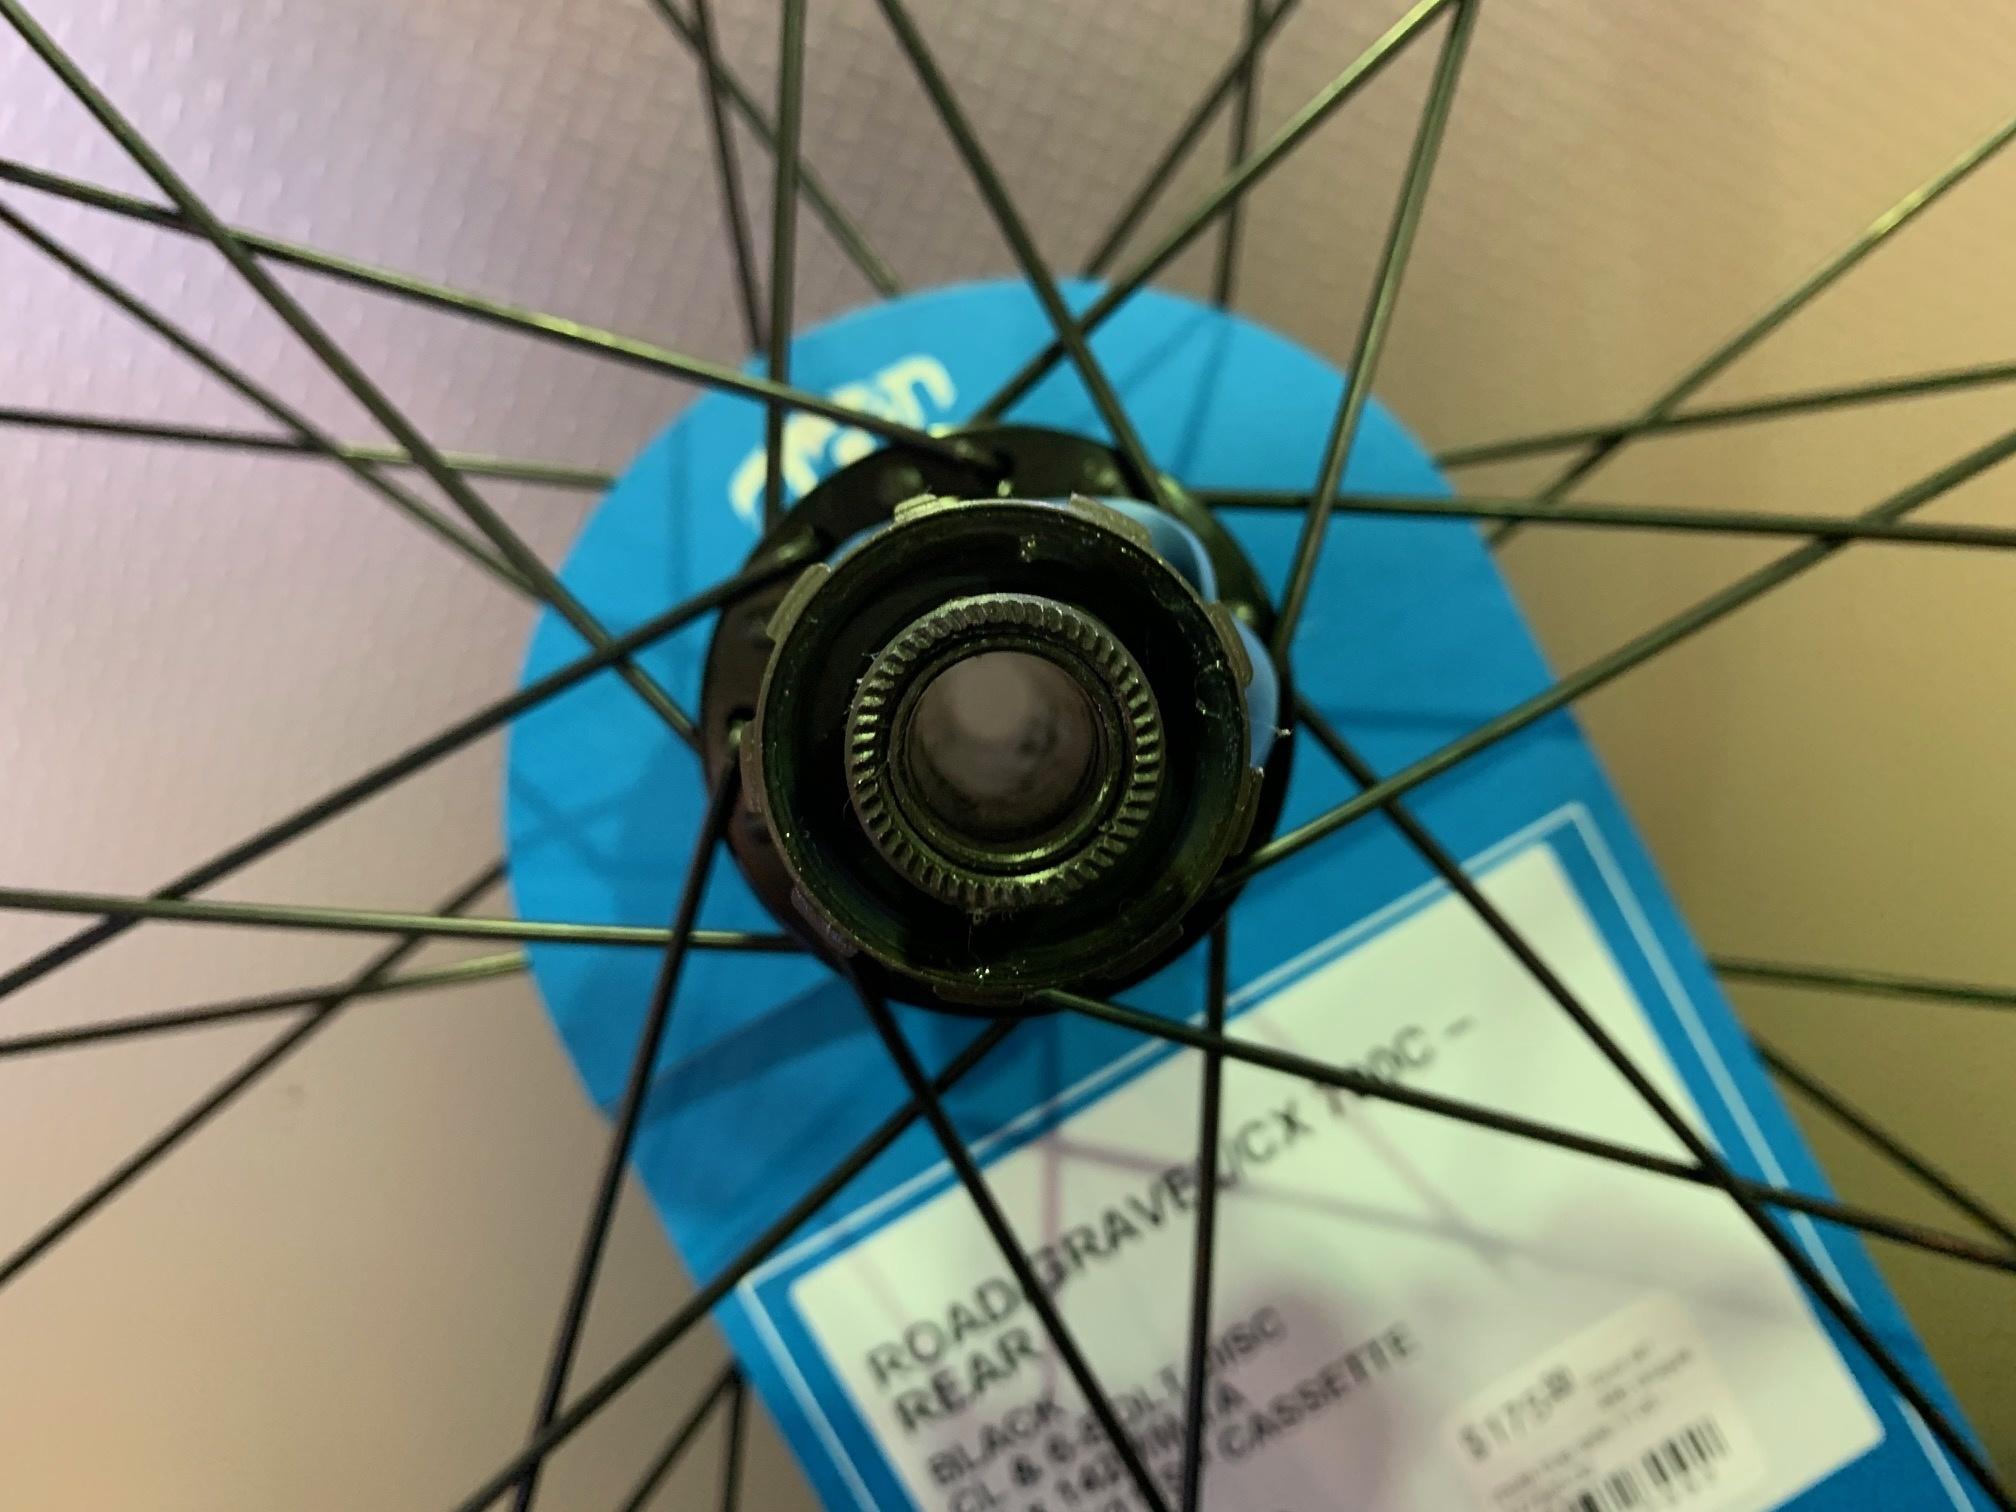 roue arr 49n disque route true axle 11vit